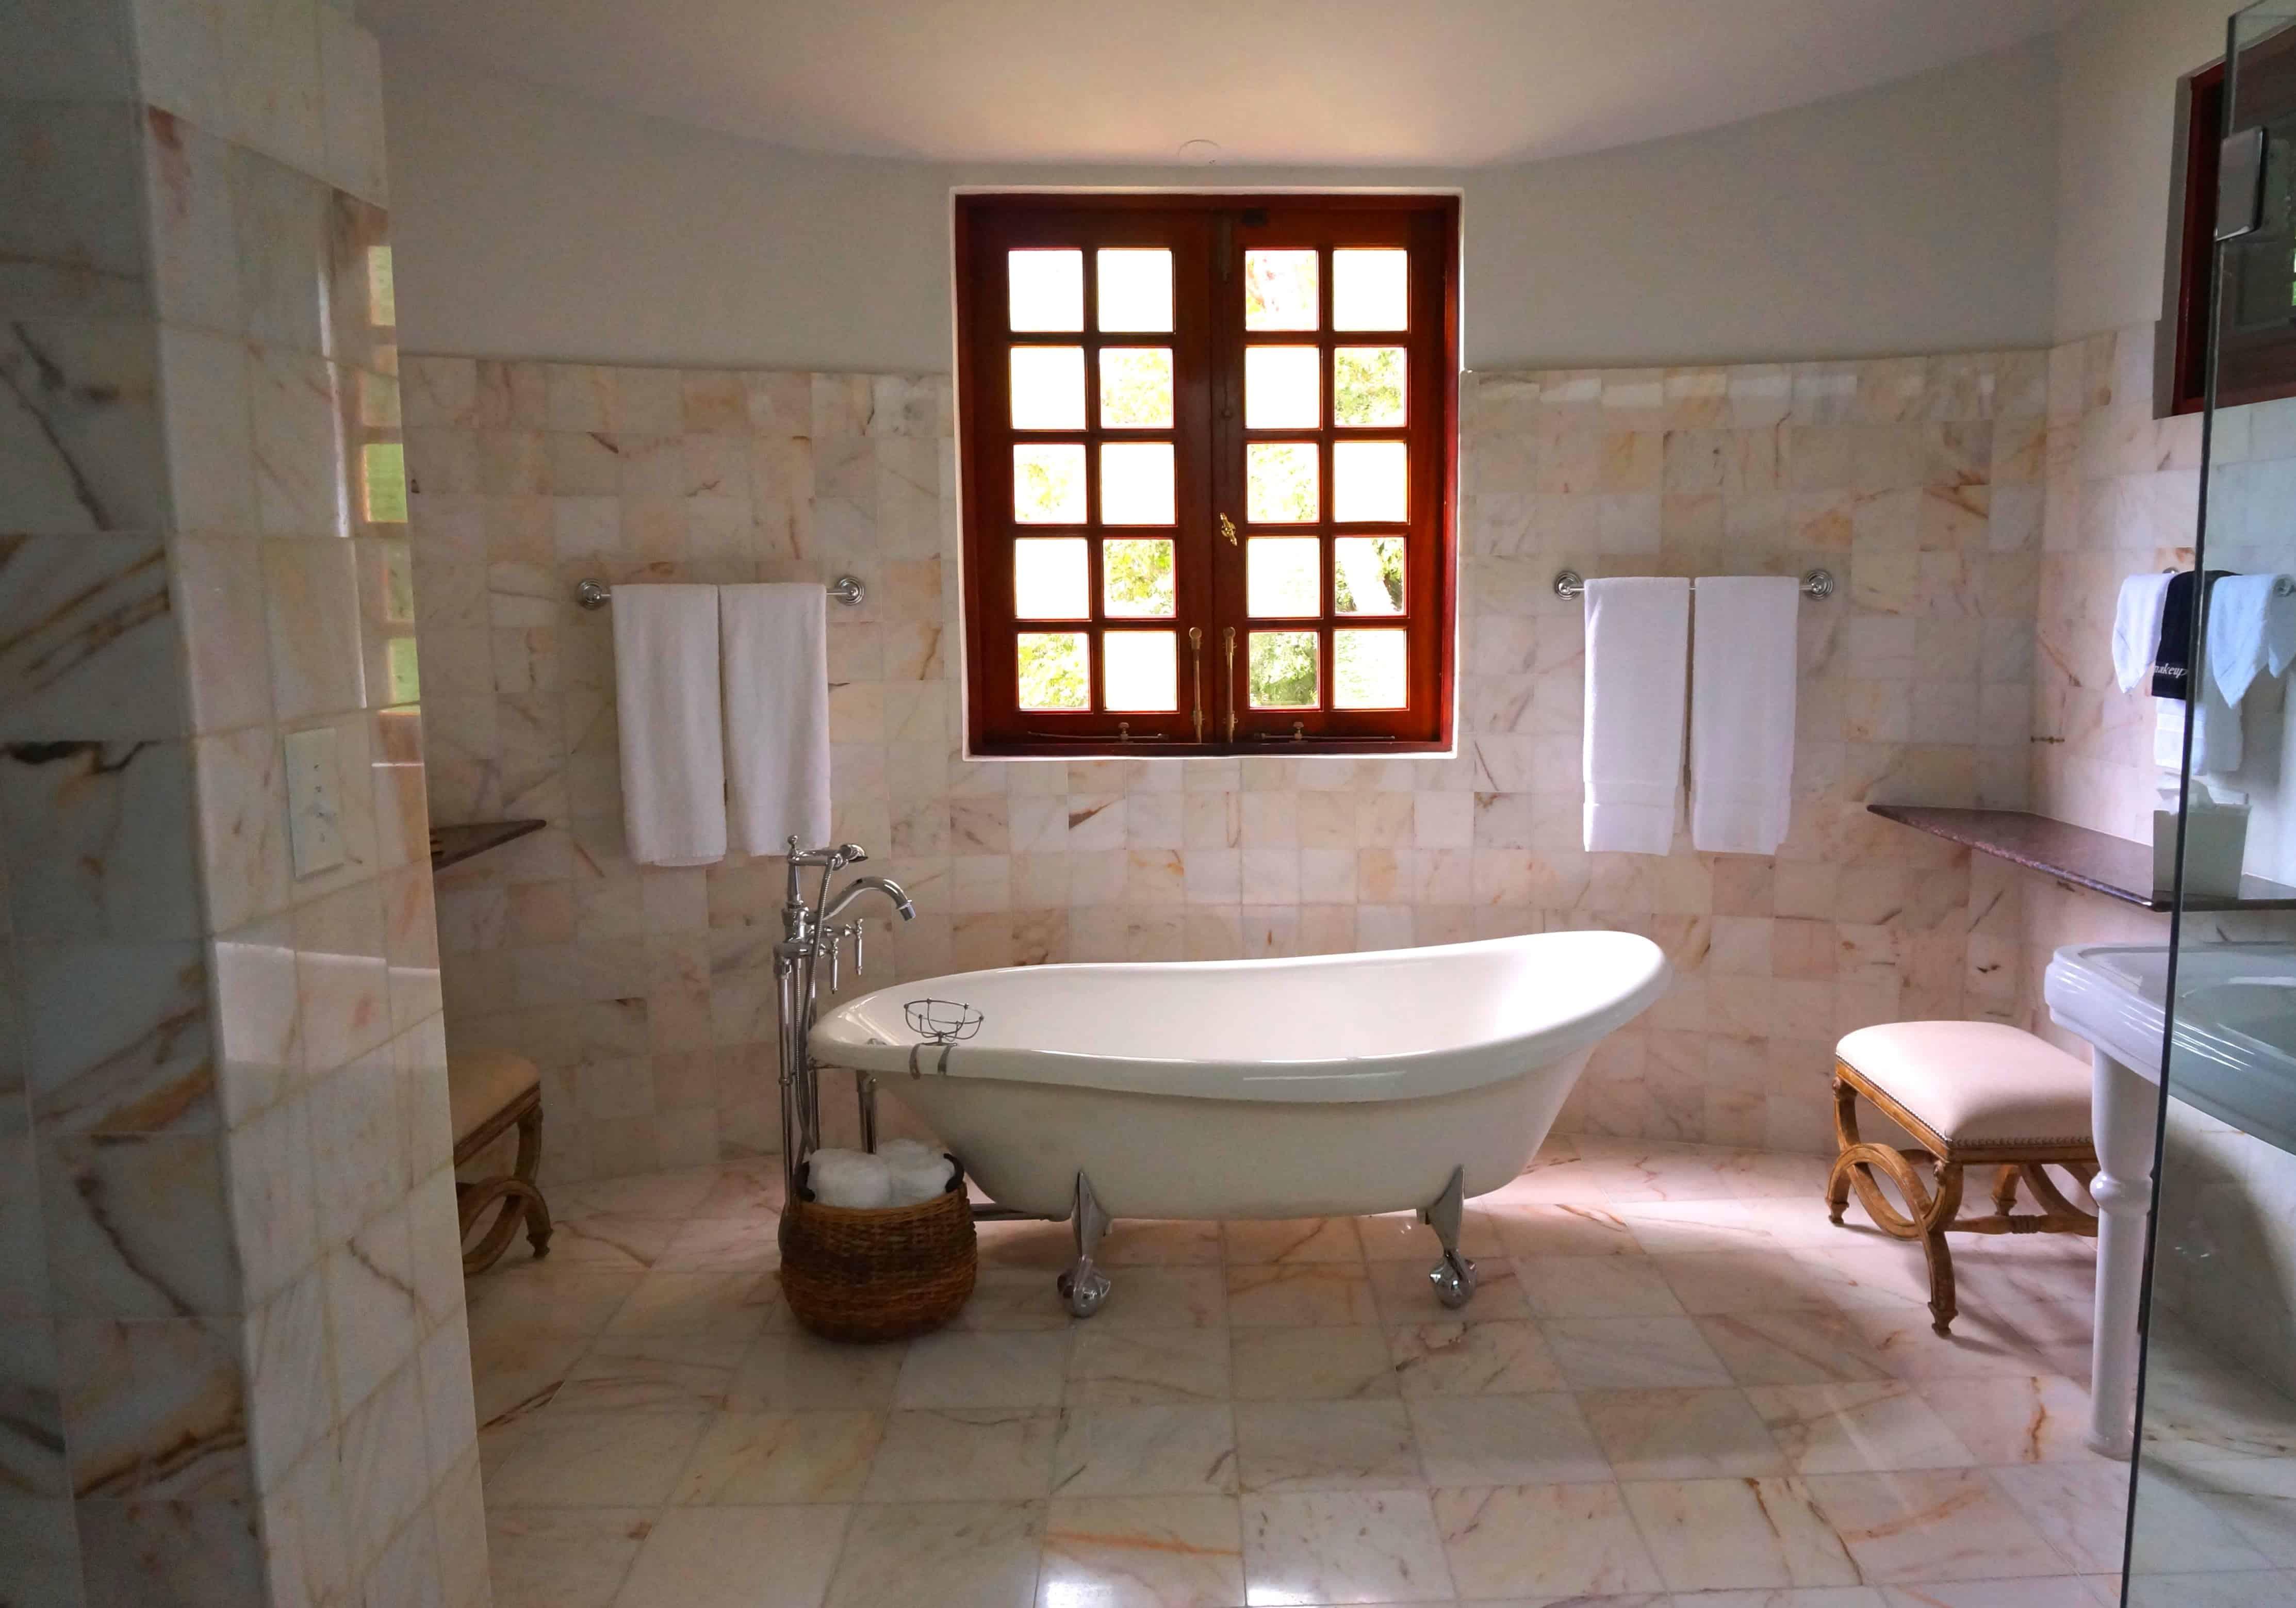 Badkamer Renovatie Limburg : De beste tips voor jouw badkamerrenovatie badkamerrenovatie